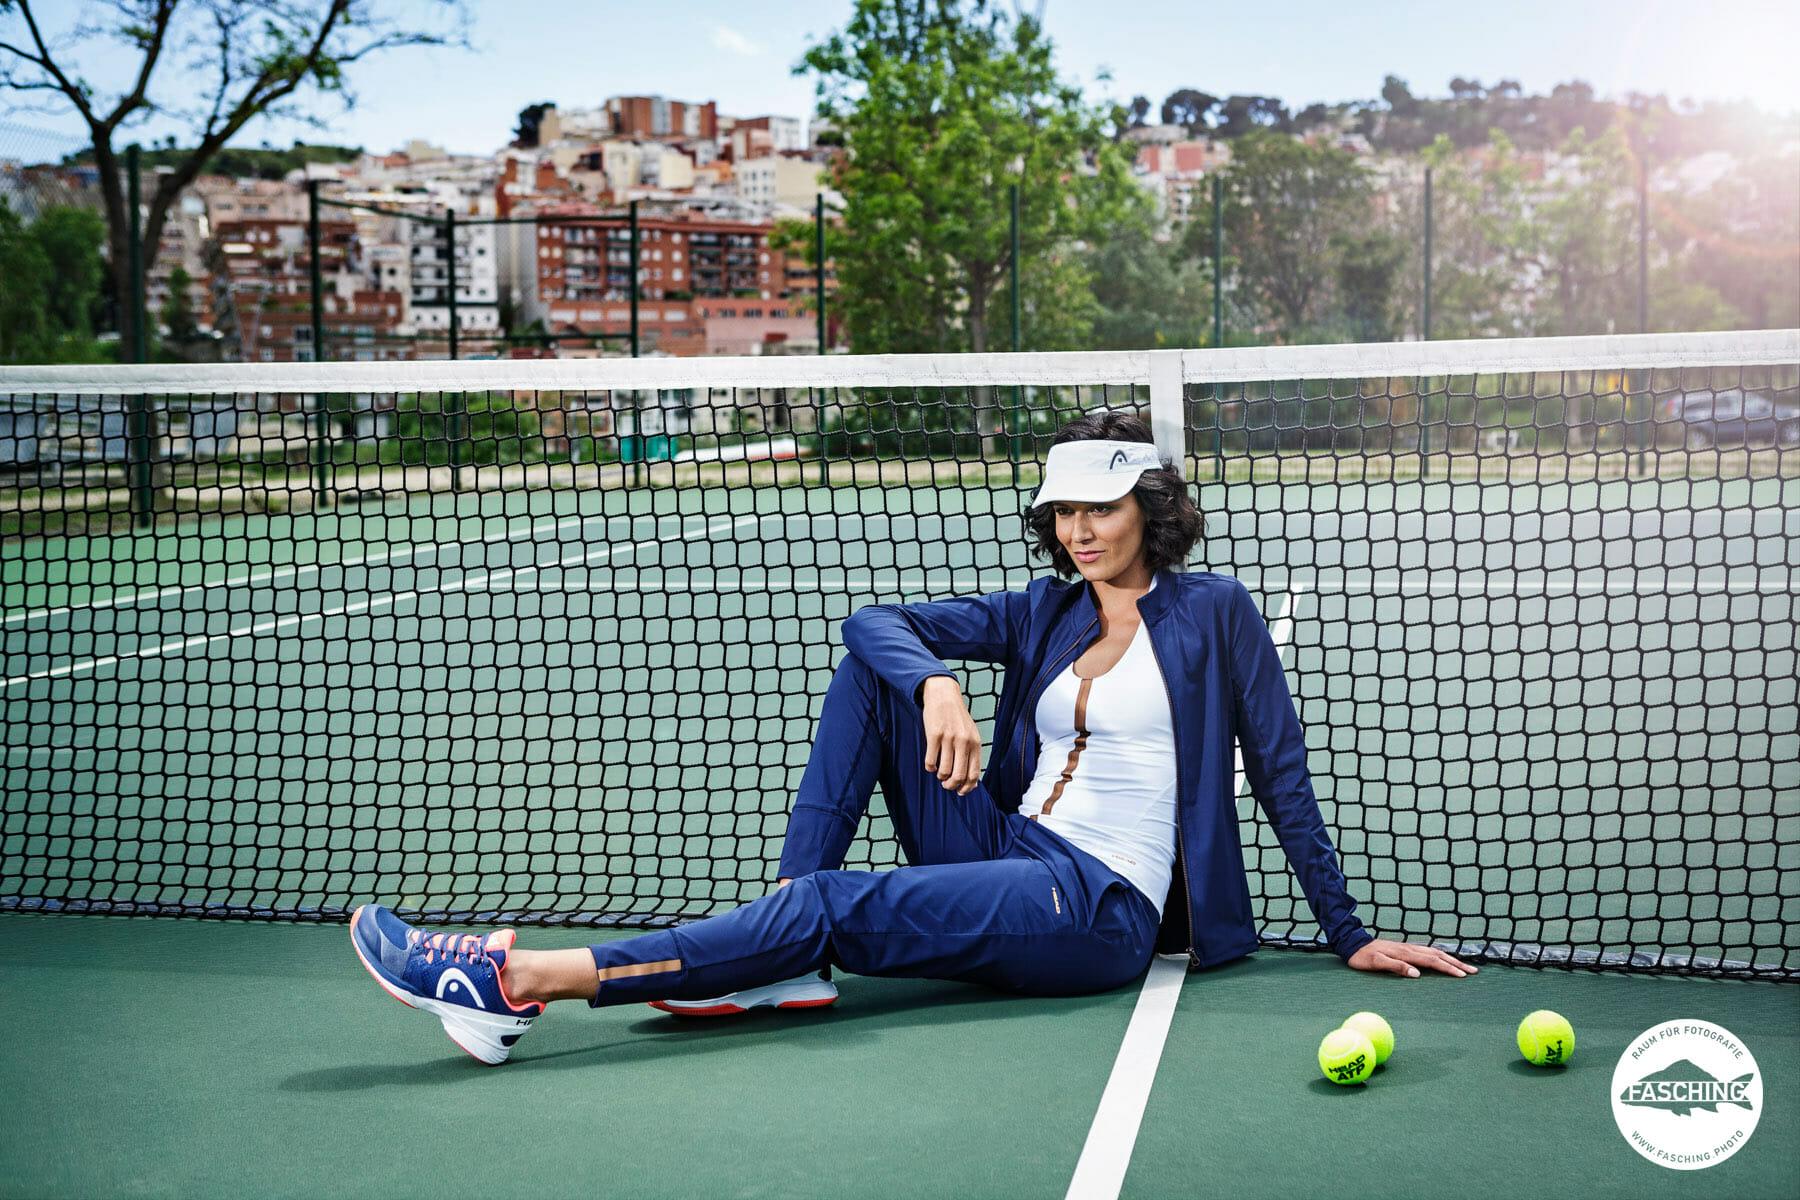 Die Head Sportswear wurde von Modefotografen Reinhard und Luca Fasching fotografiert